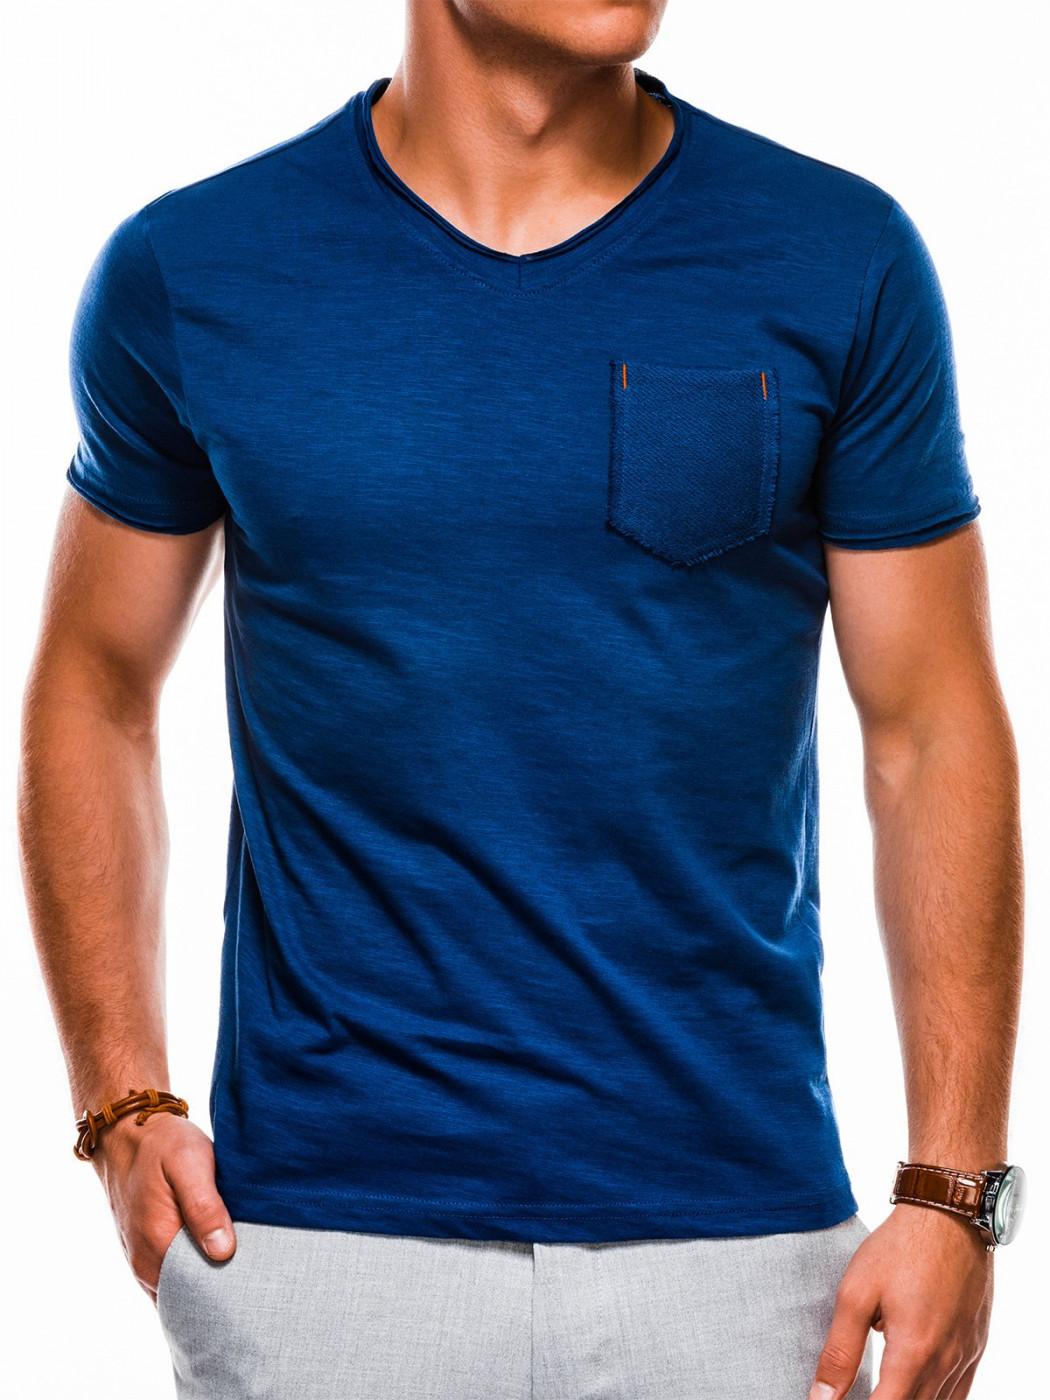 Ombre Clothing Men's plain t-shirt S1100